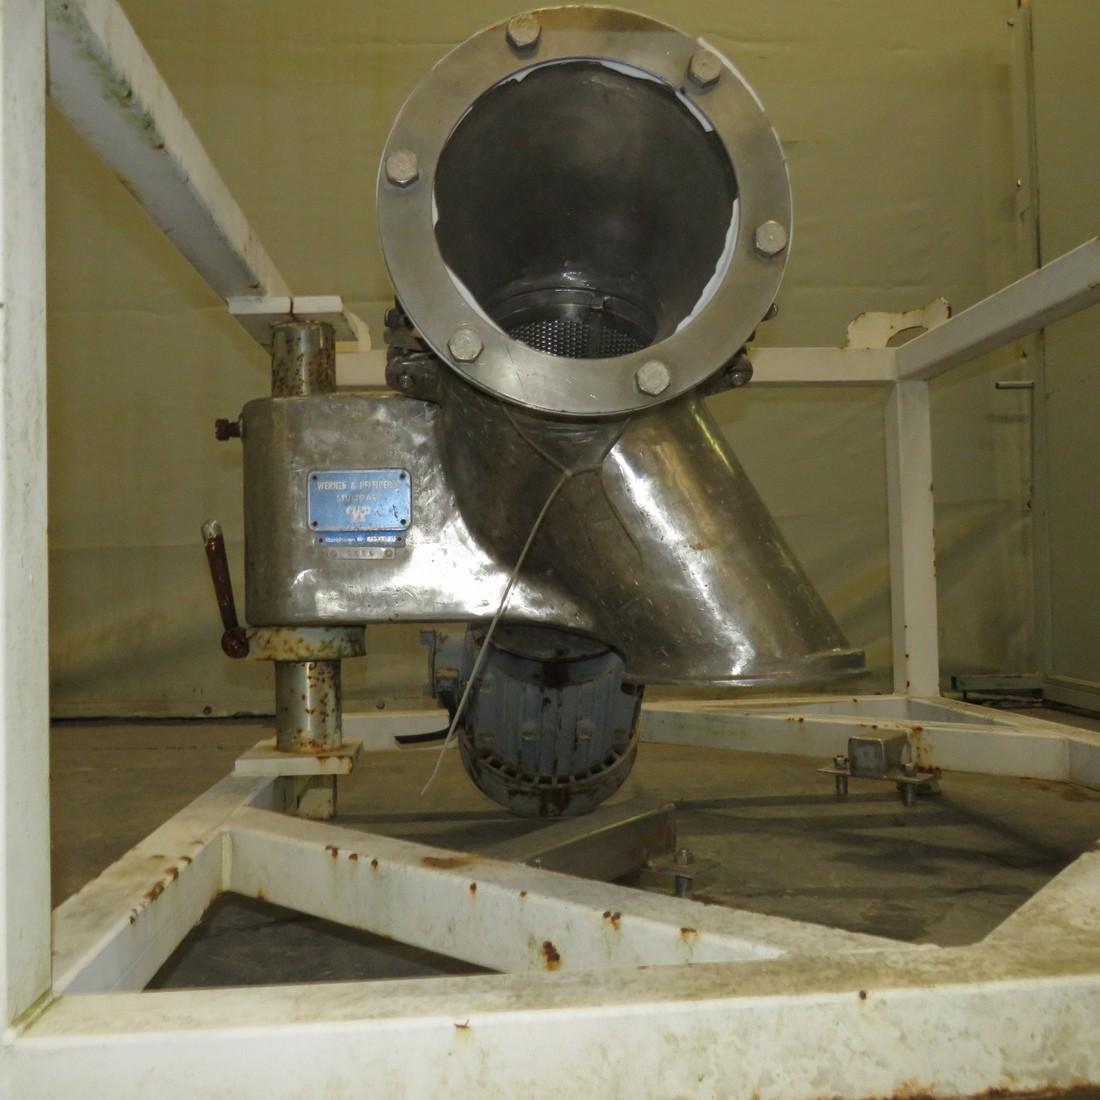 R6BZ8838 Stainless steel WERNER ET PFLEIDERER Mill